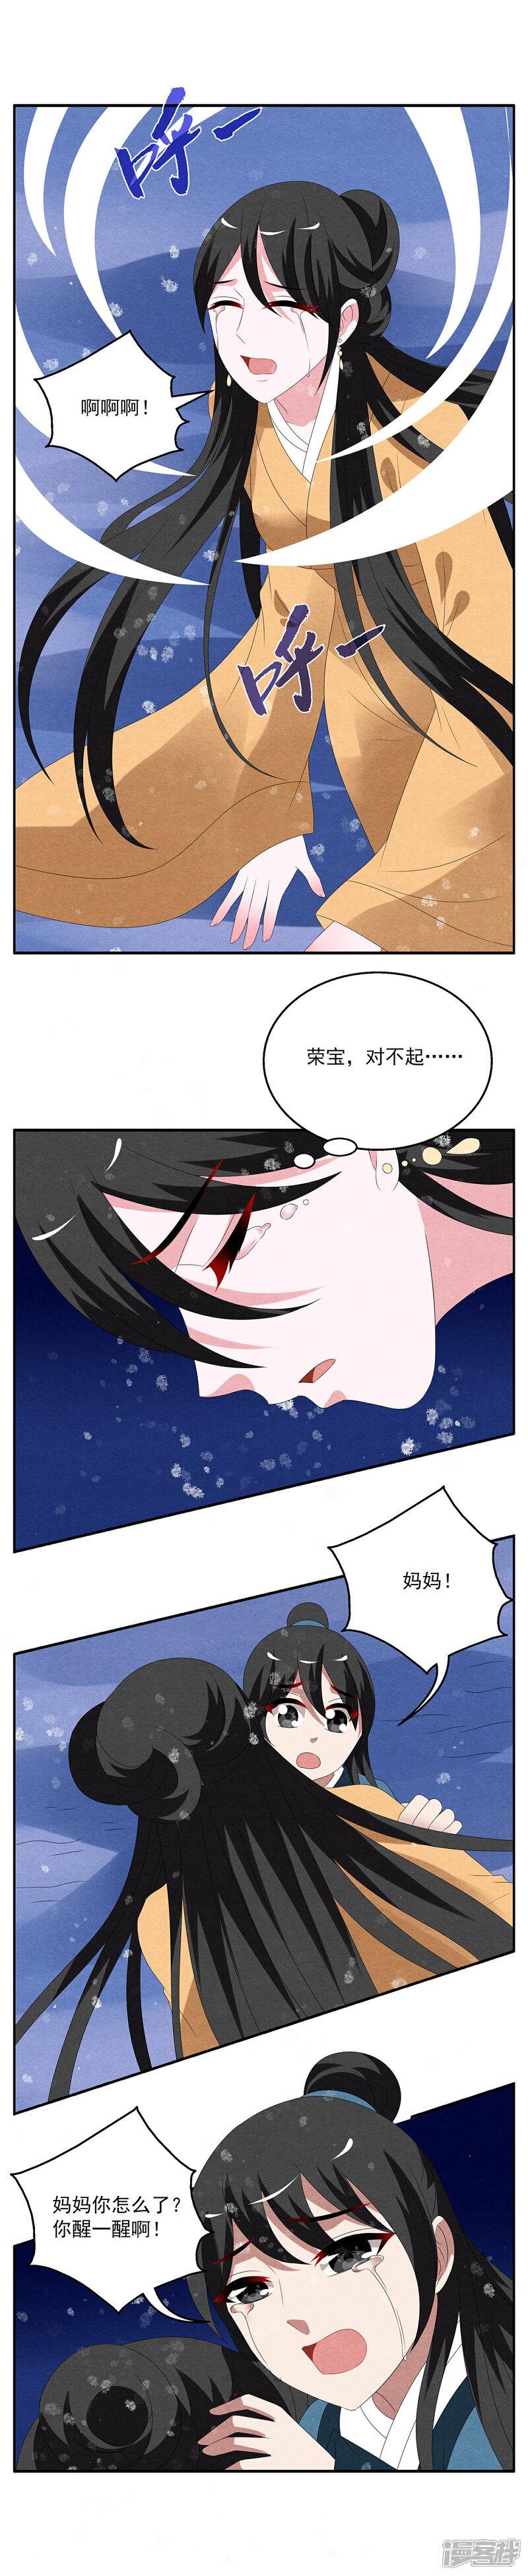 洛小妖98990004.JPG